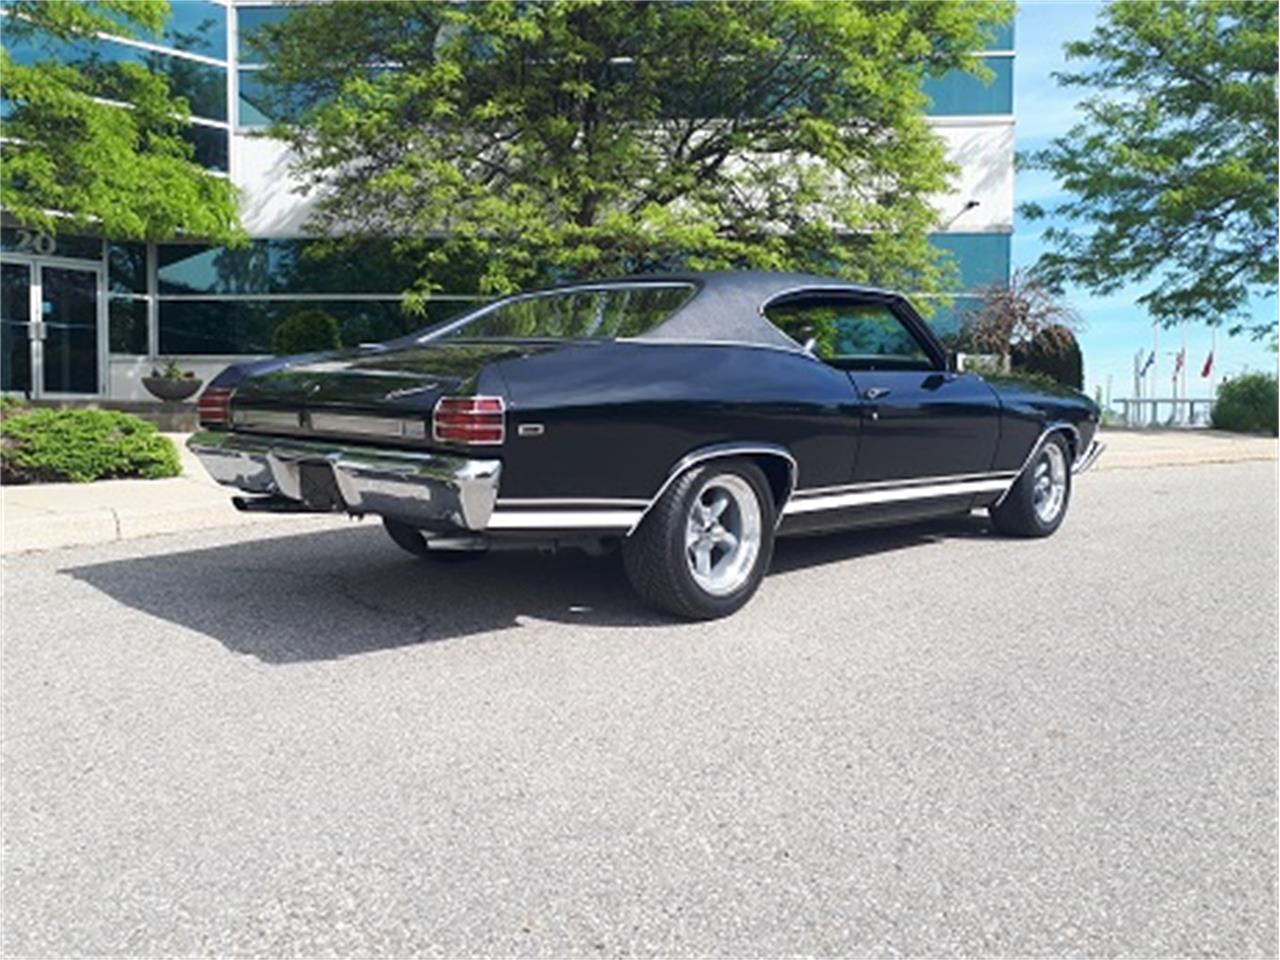 Large Picture of Classic 1969 Pontiac Beaumont located in Toronto Ontario - $27,900.00 - QOMF